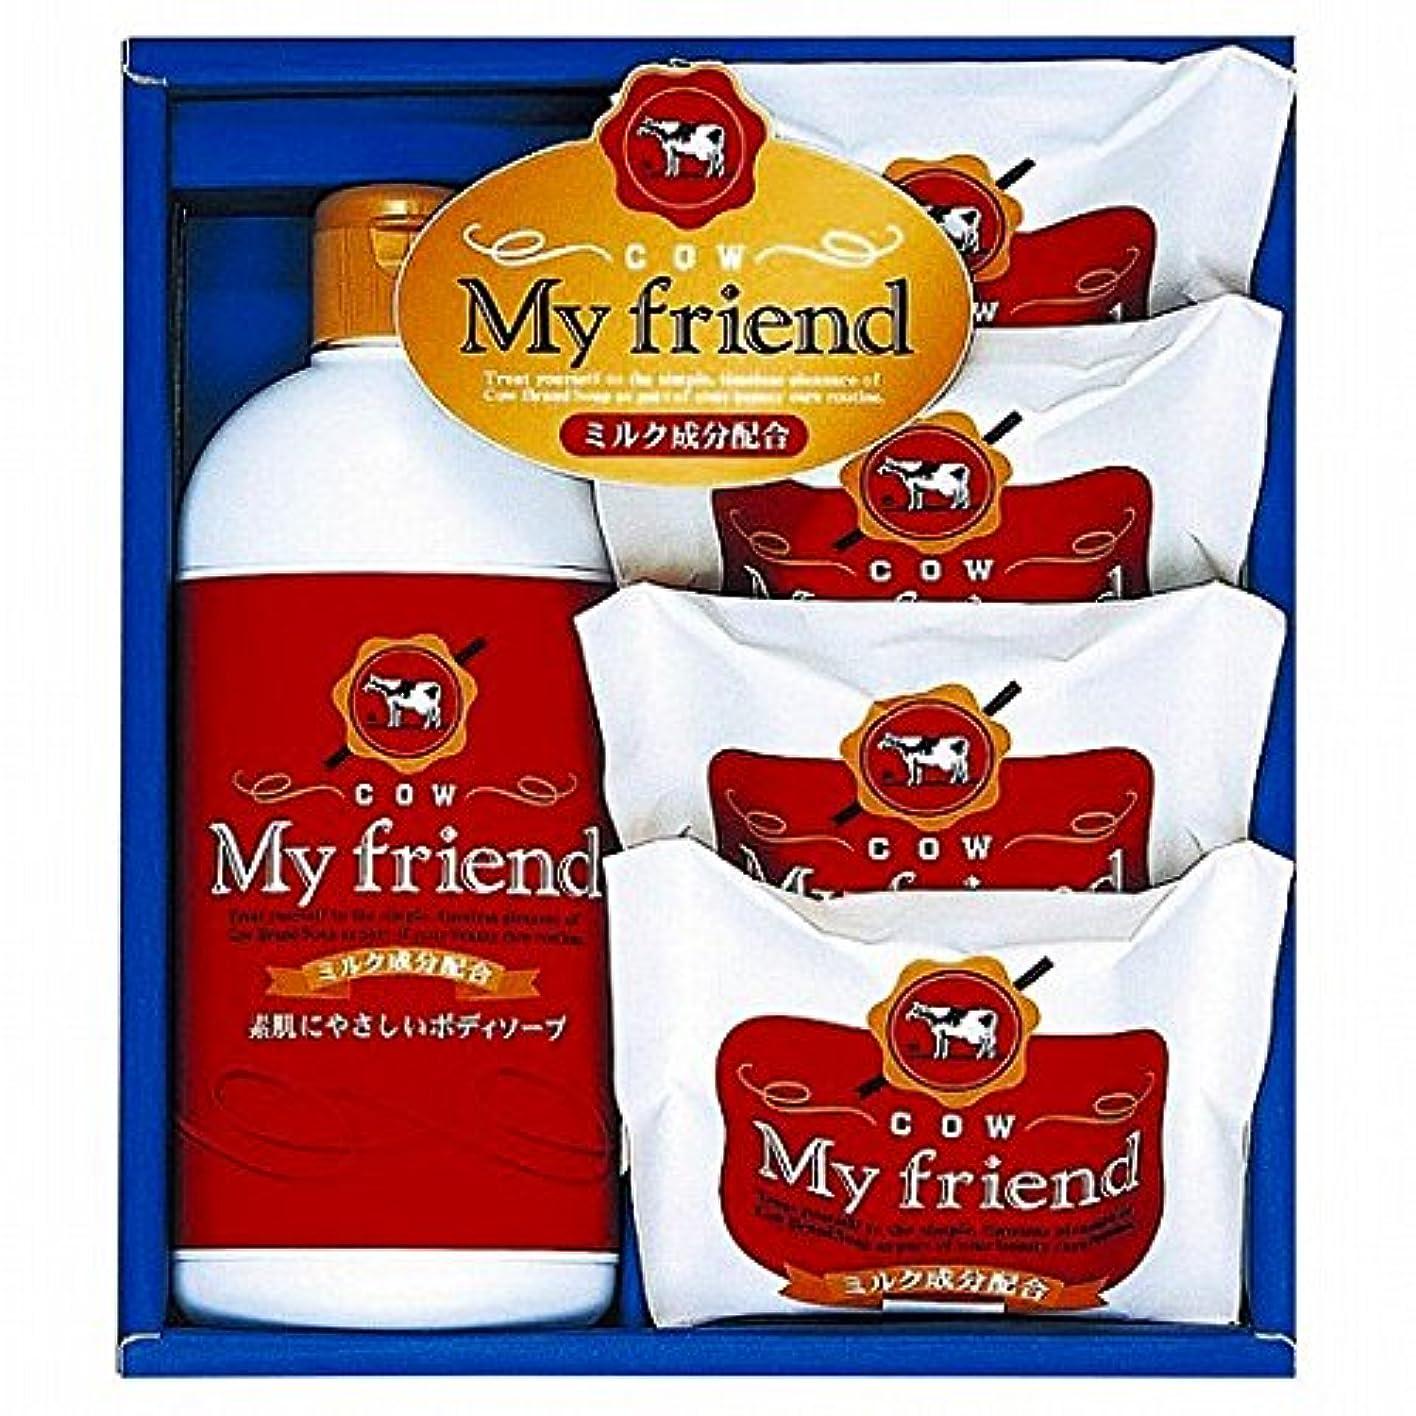 集中回る役割nobrand 牛乳石鹸 マイフレンドボディソープセット (21940007)